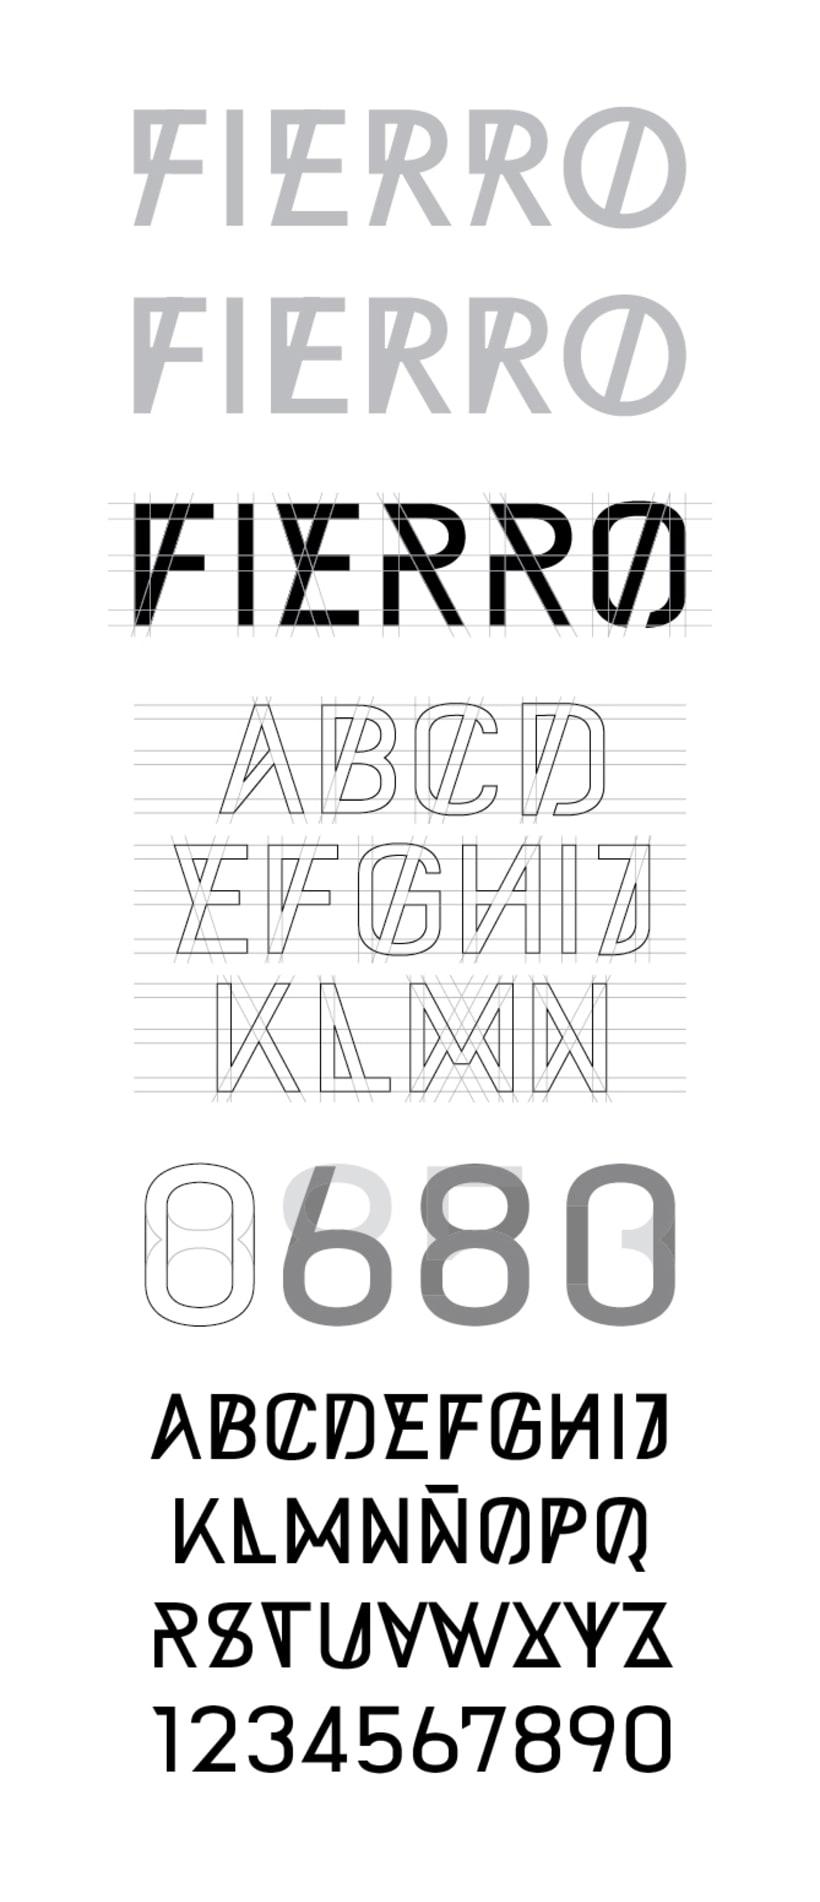 FIERRO - Diseño de marca 3